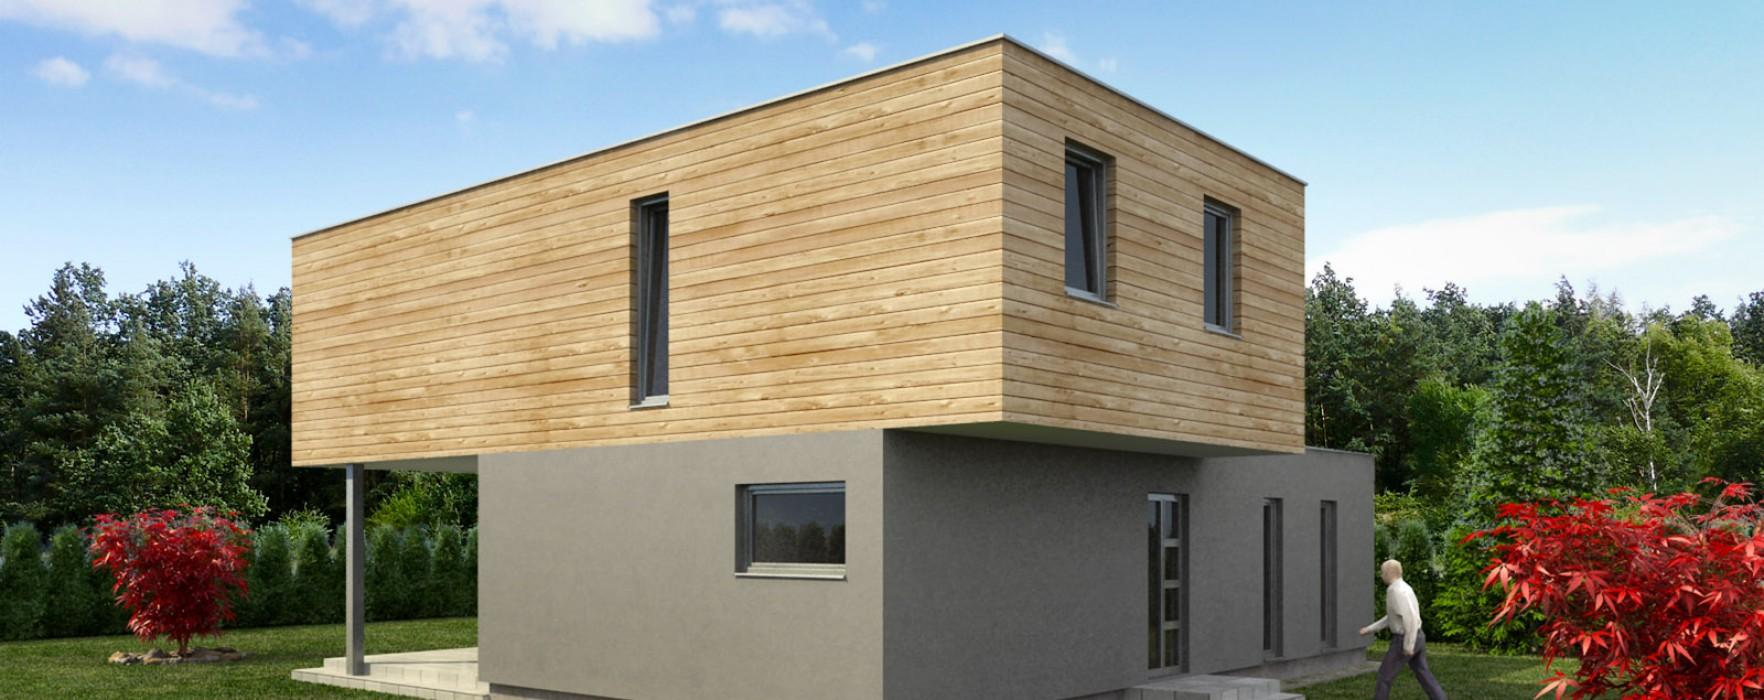 Riscaldare le case prefabbricate - Costruire una casa costi ...